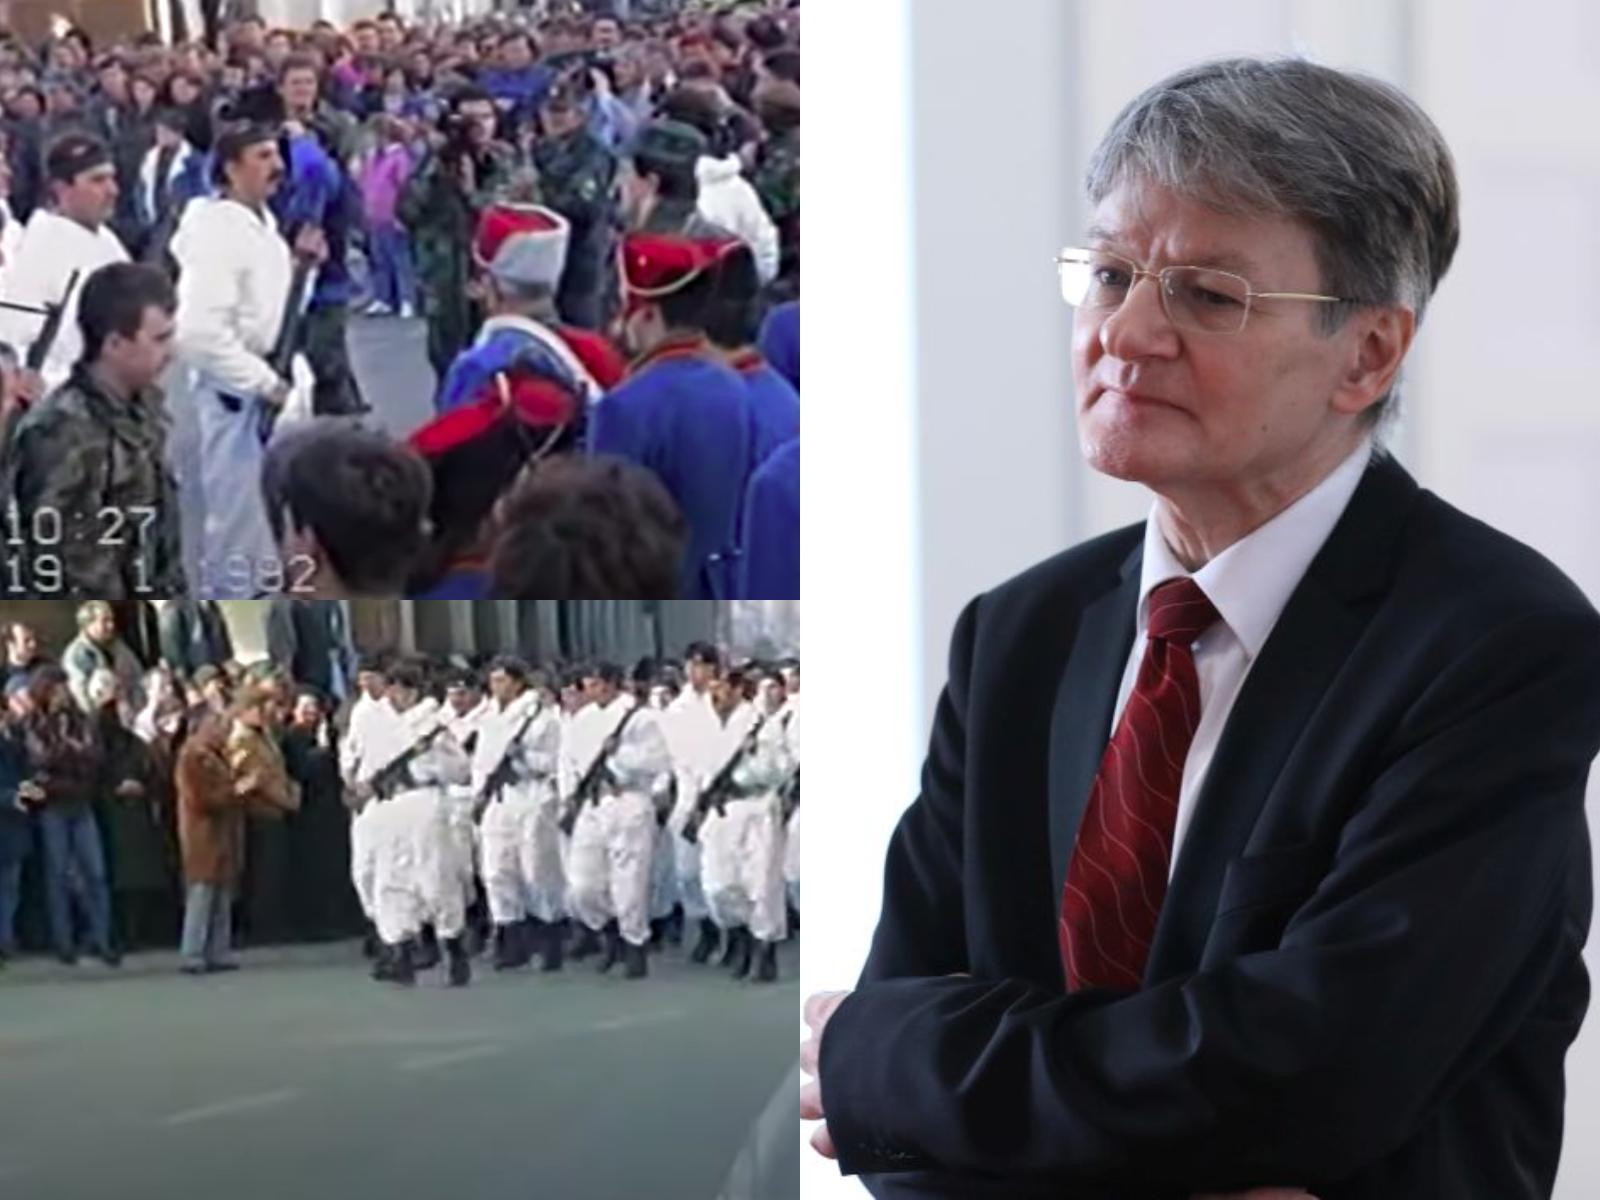 Predsjednik VS-a tvrdi da je pozdrav 'ZDS' nedopustiv: Pogledajte prisegu brigade HV-a nakon priznanja RH